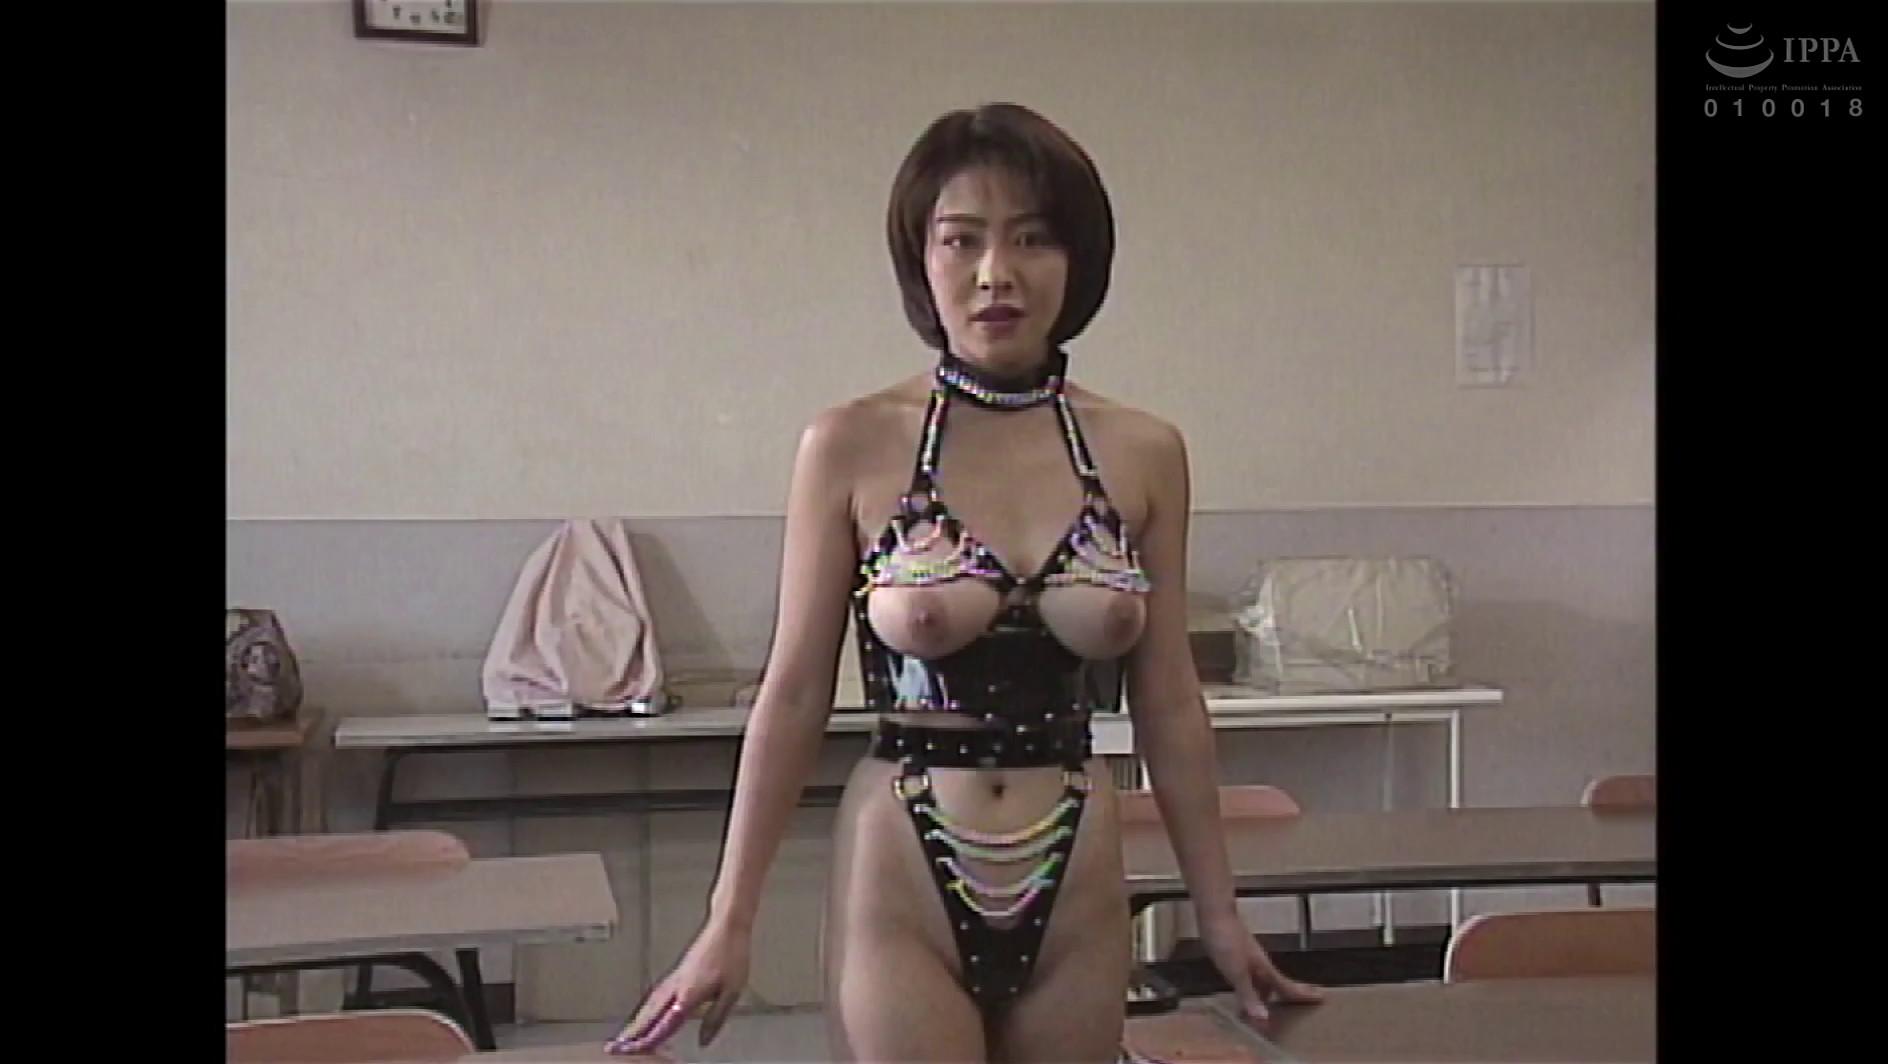 女教師乱れ泣き シリーズ3作復刻収録版 画像11